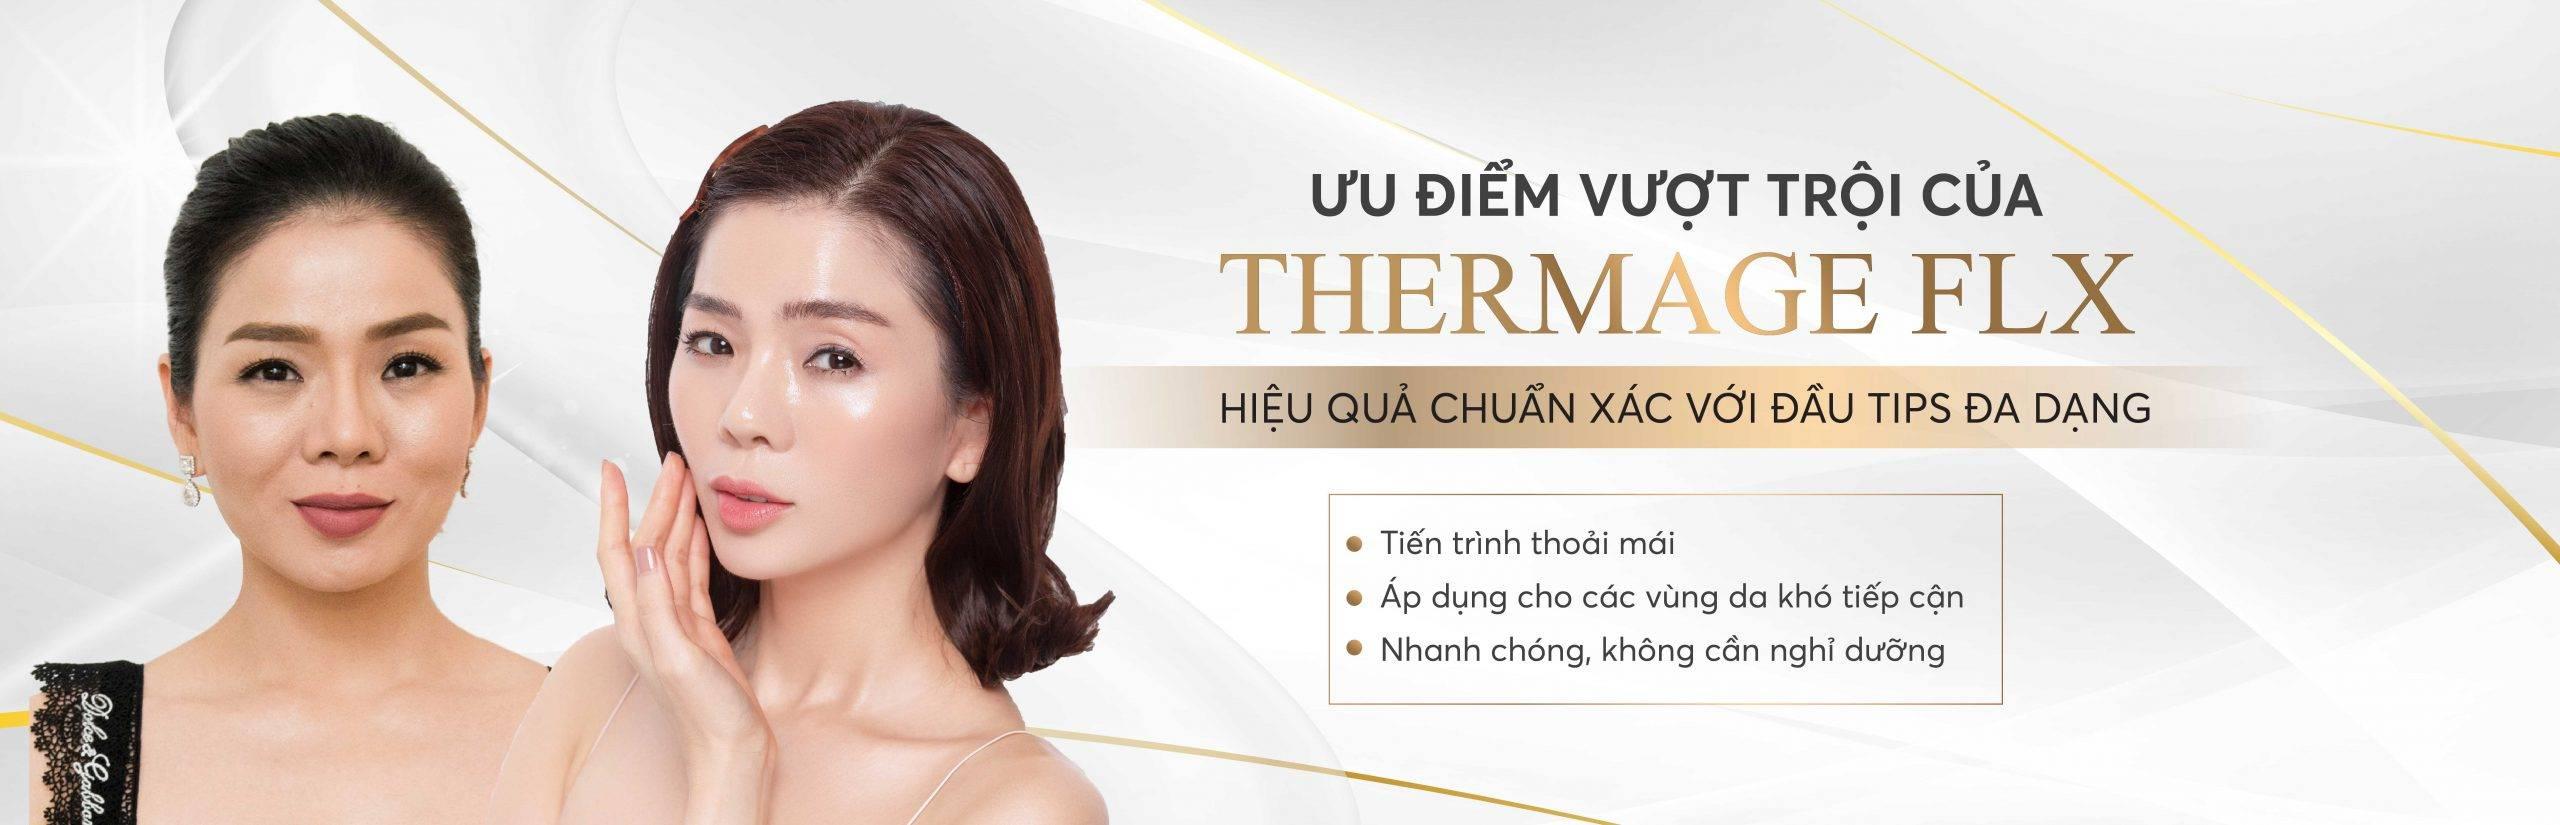 uu-dai-thermage-flx-1